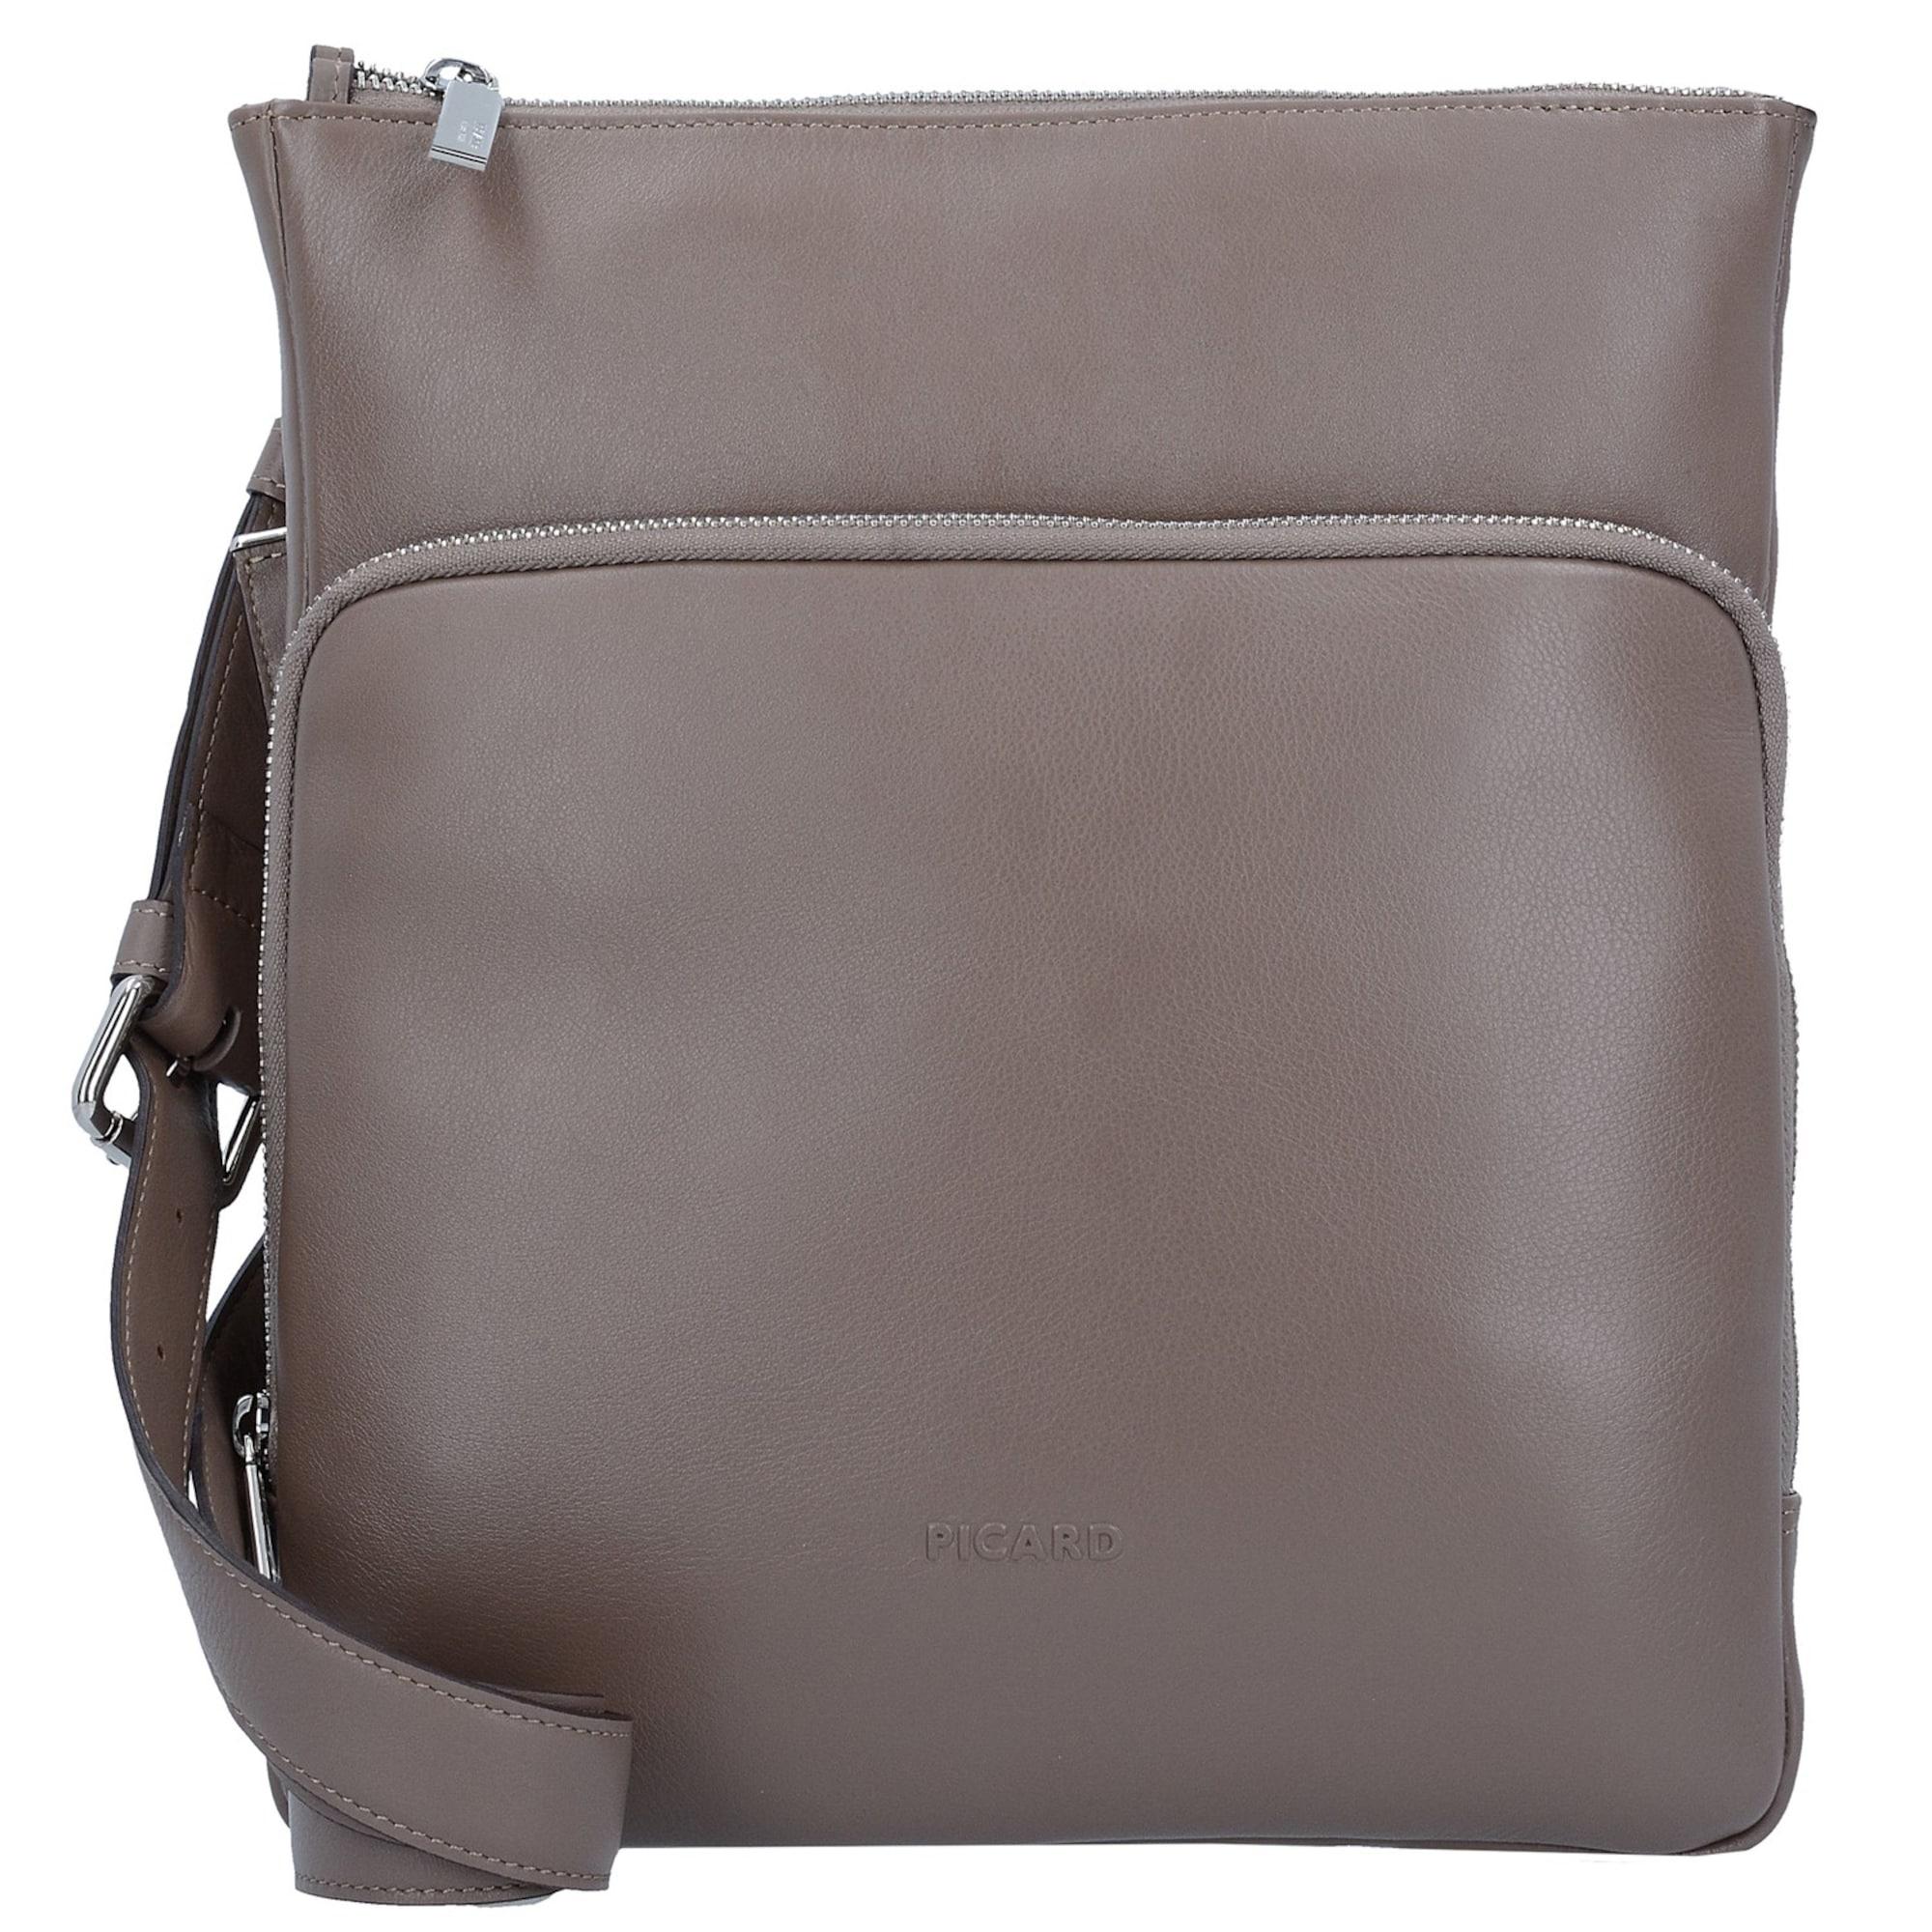 Umhängetasche 'Maggie'   Taschen > Handtaschen   Picard